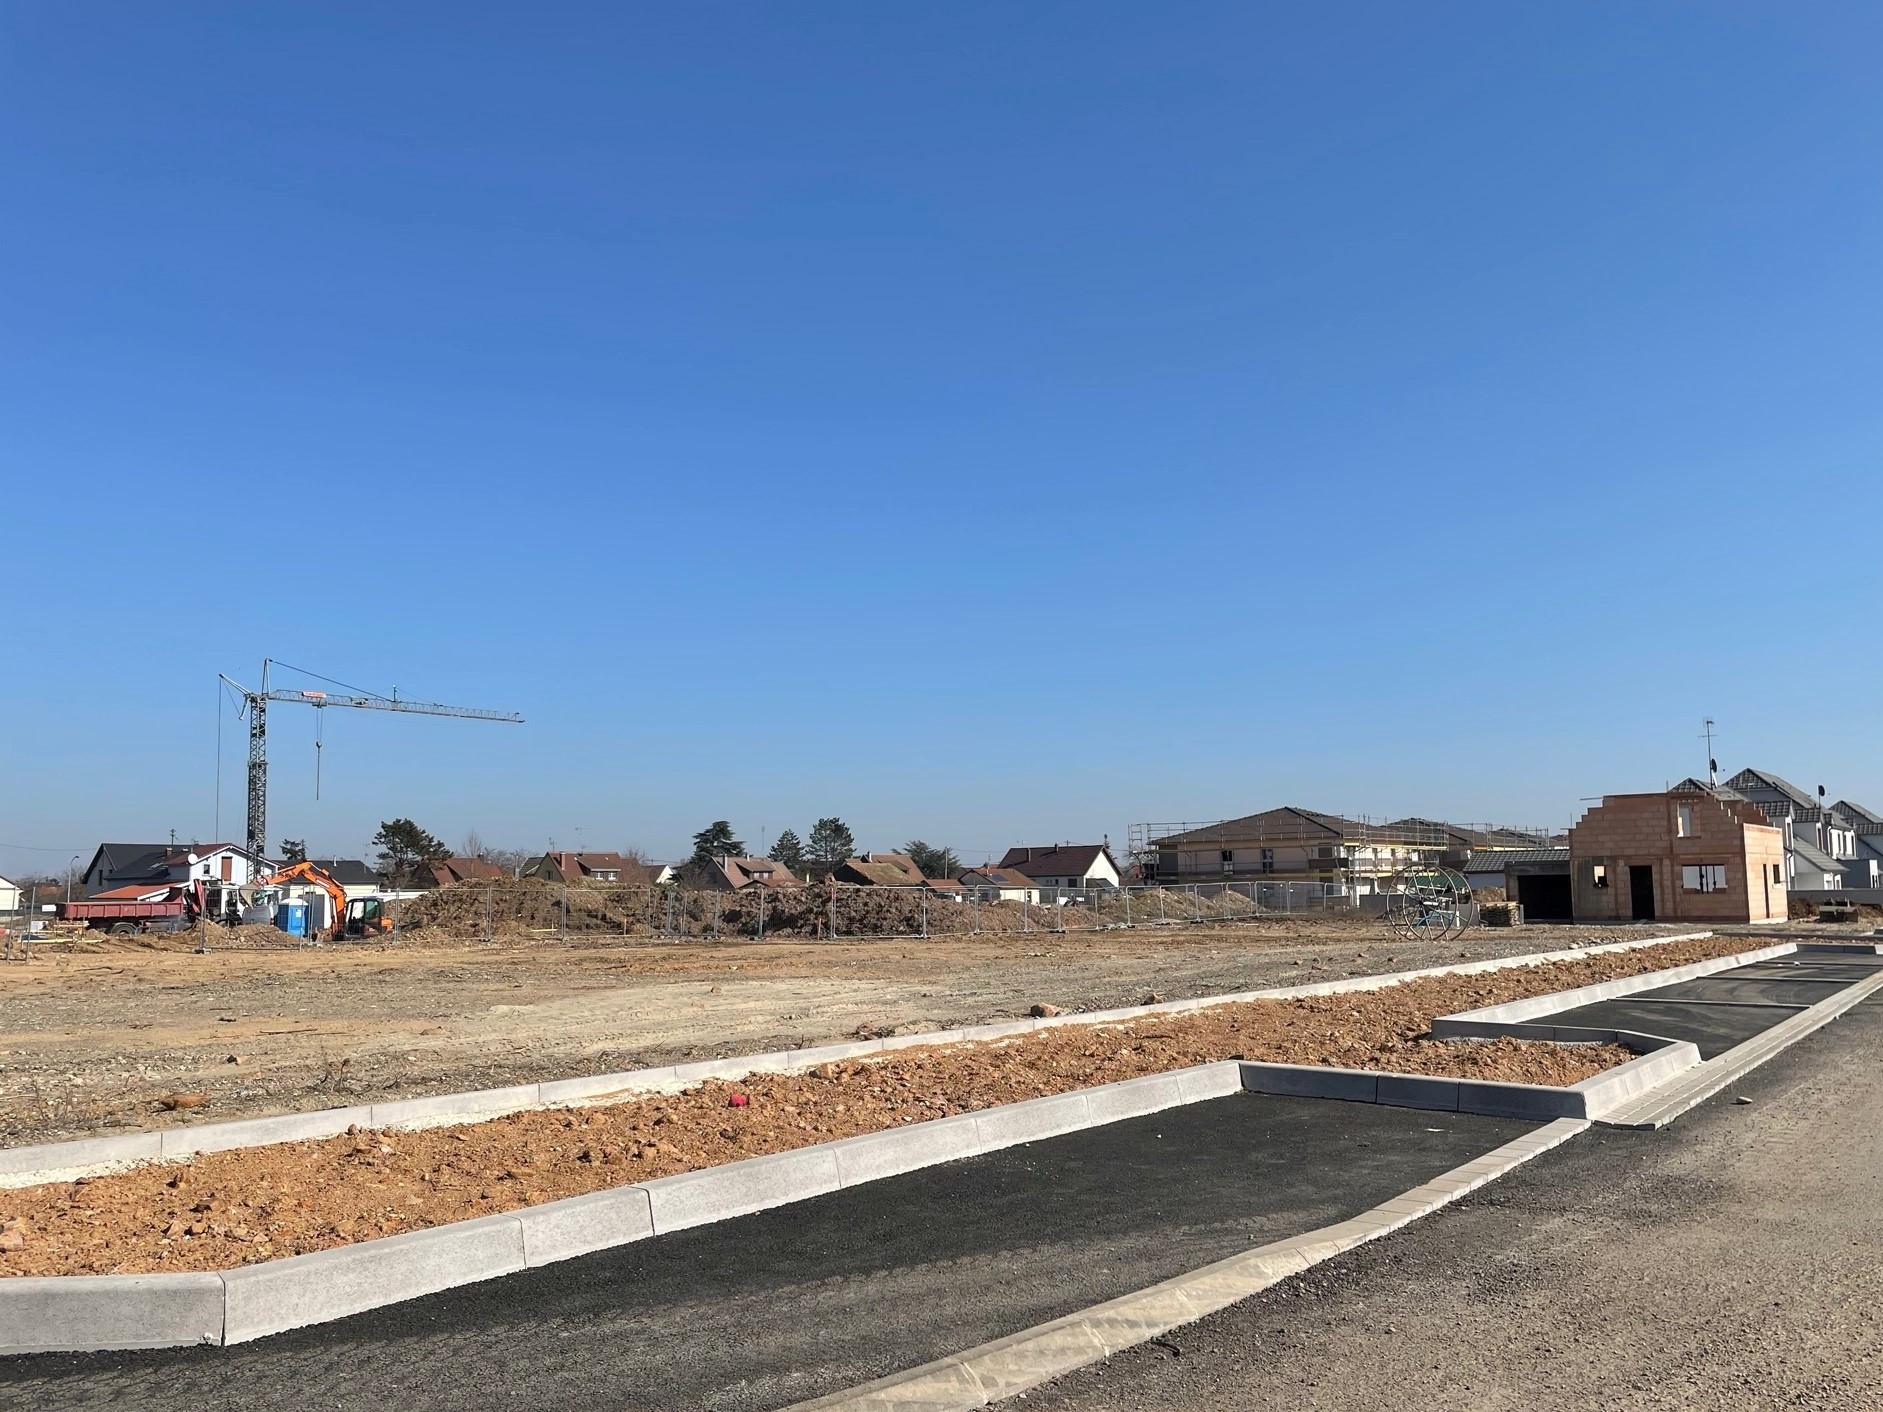 lotissement-cernay-terre-developpement-avancee-chantier